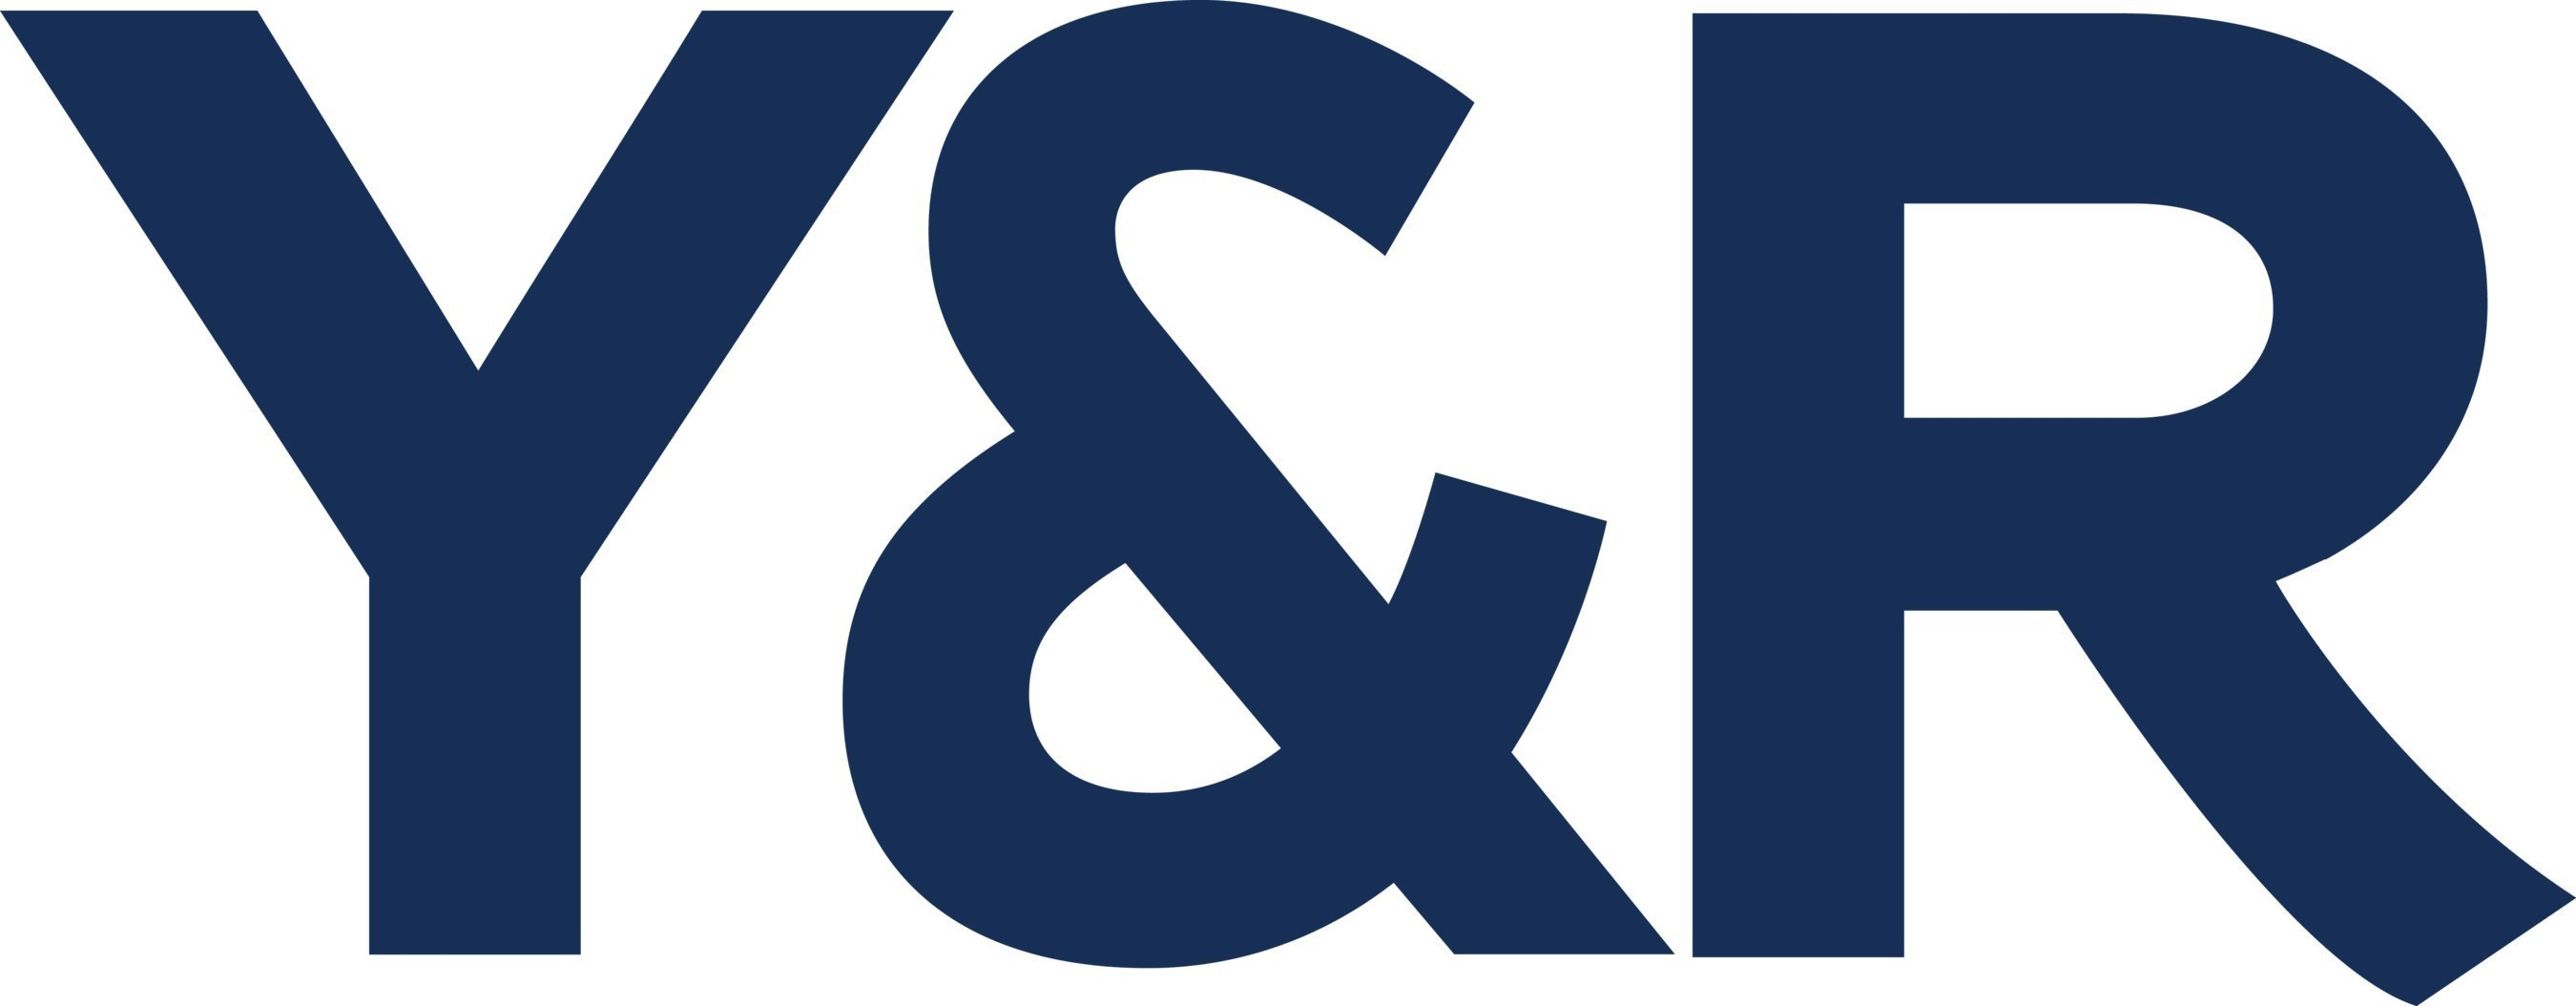 Y&R Wins Webby Award For McWhopper